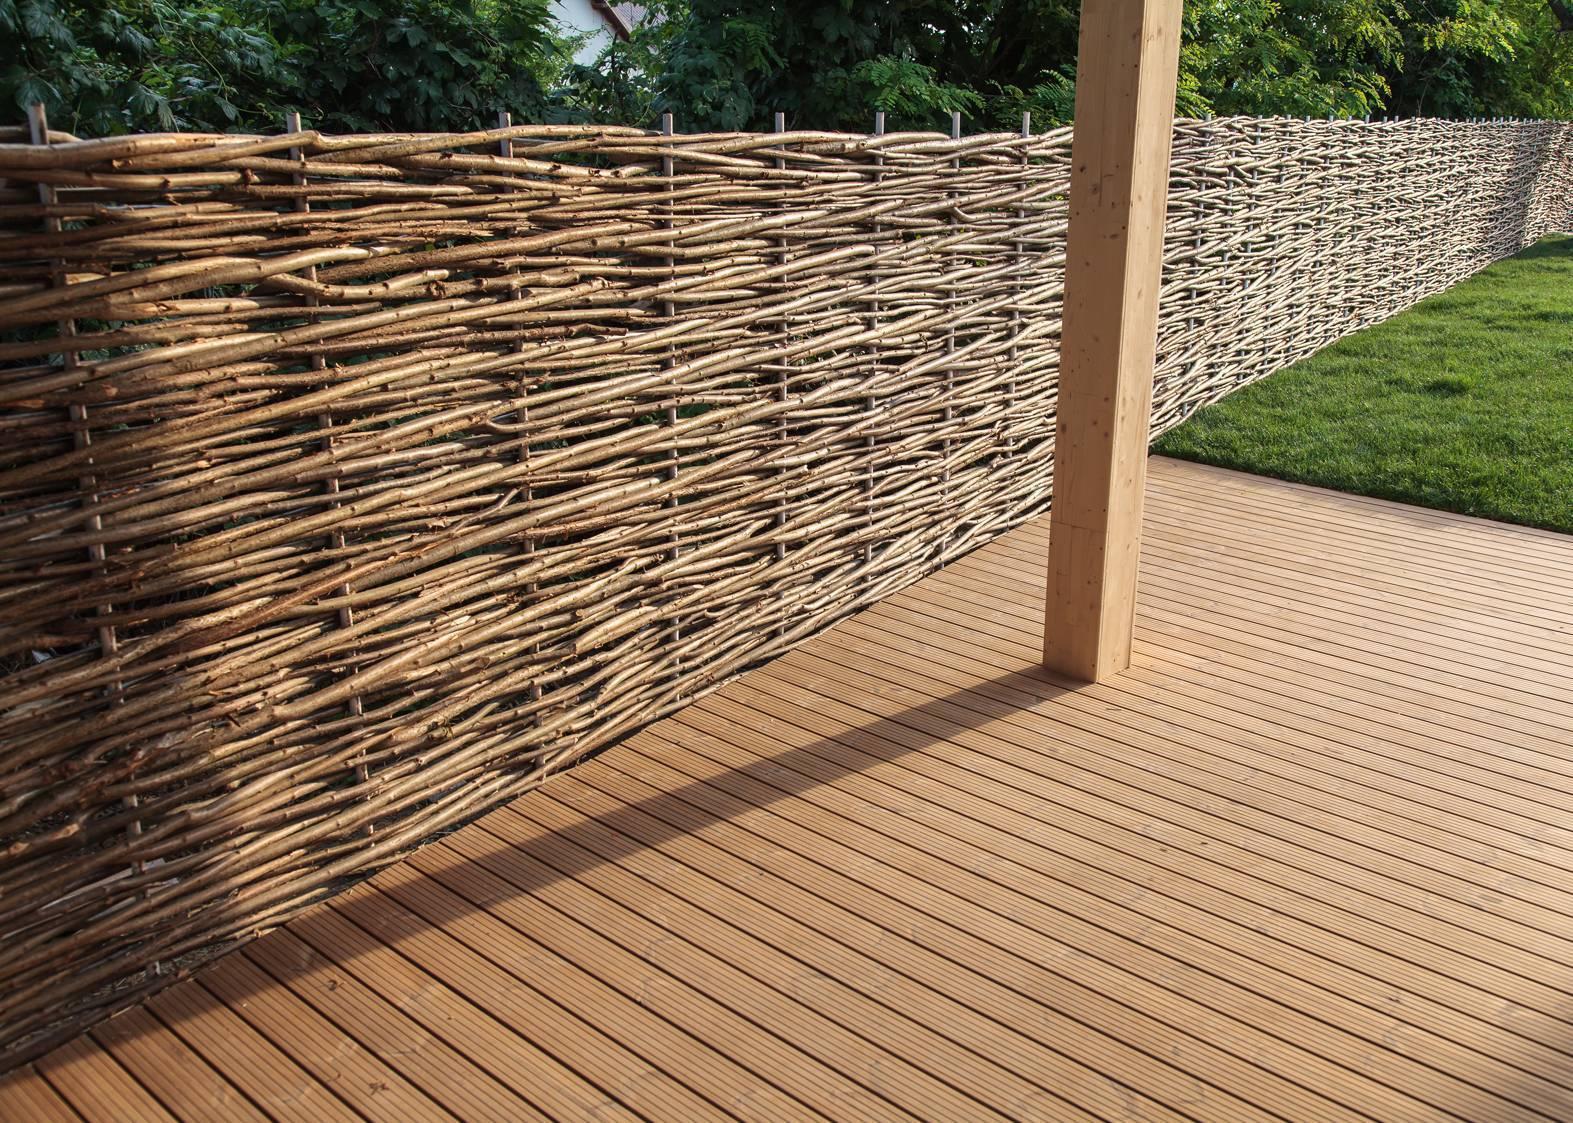 Плетеный забор: технология изготовления из природных и искусственных материалов